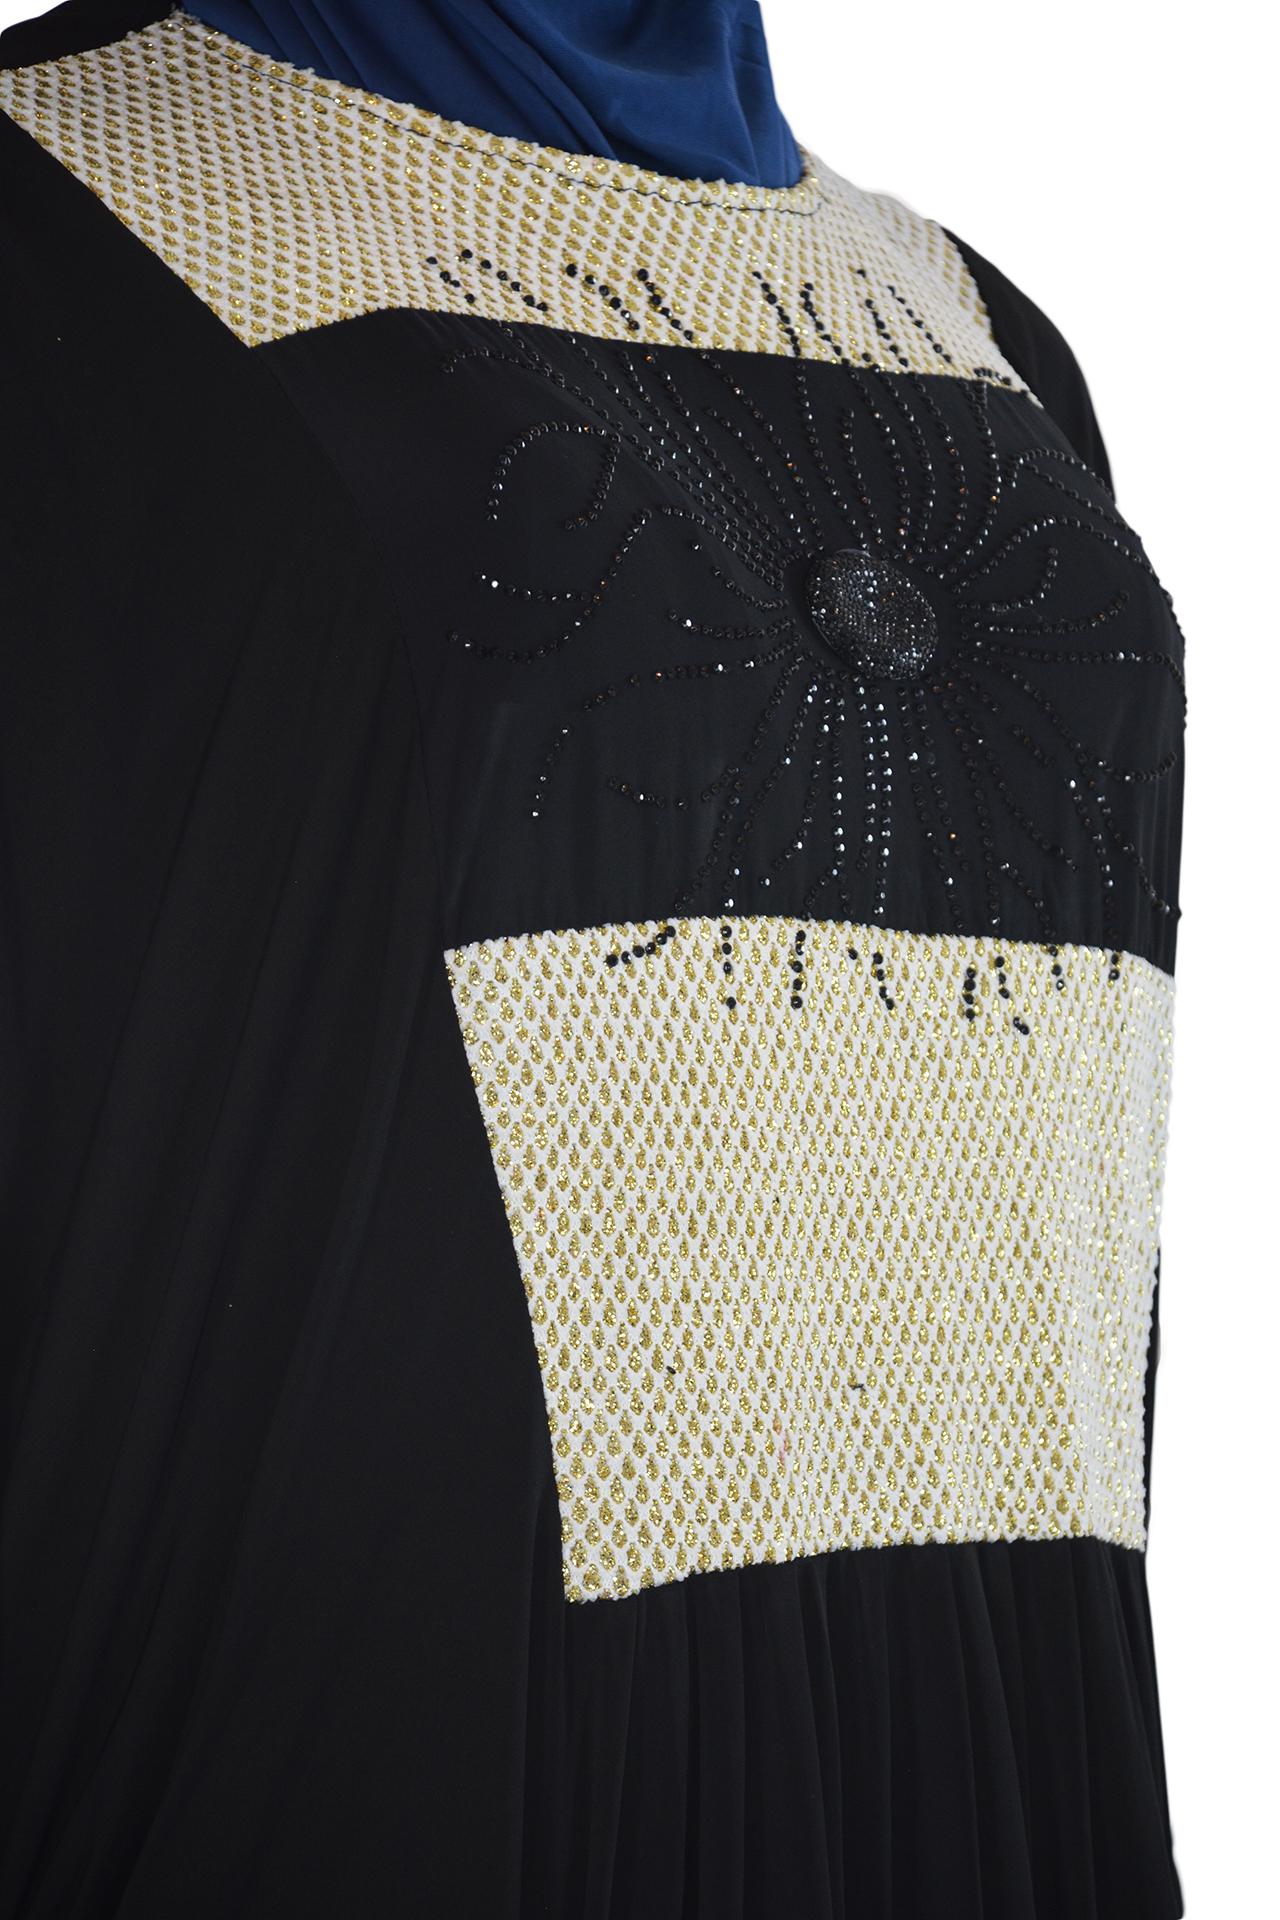 Nazli - Honeycomb Draping Abaya Close up 2